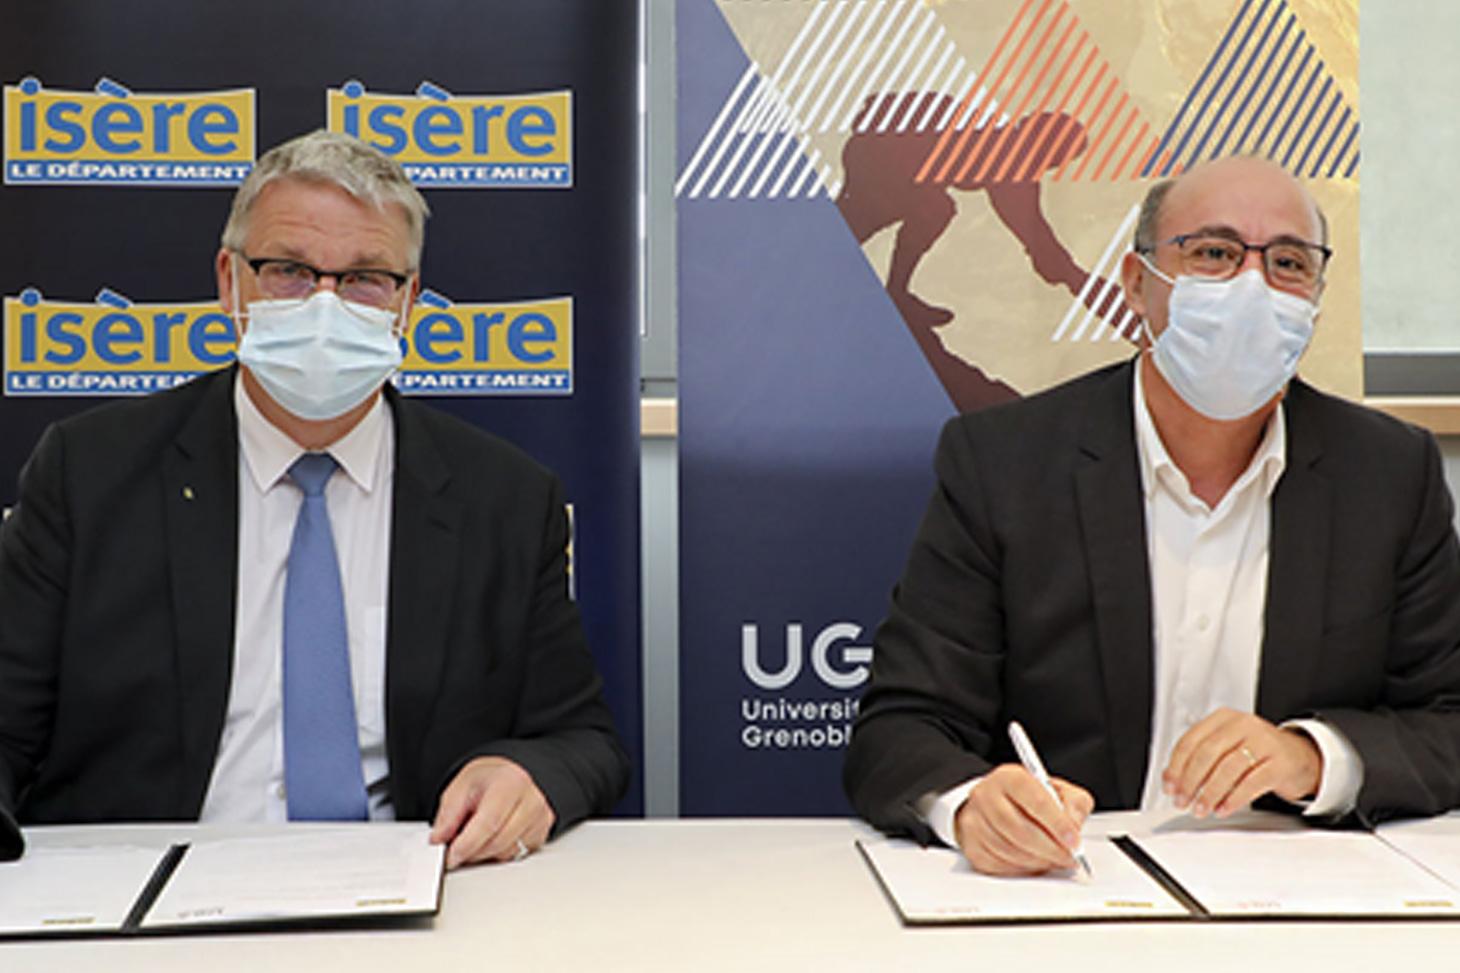 Jean-Pierre Barbier, Président du Conseil départemental de l'Isère et Yassine Lakhnech, Président de l'Université Grenoble Alpes lors de la signature de la convention le 16 octobre 2020.